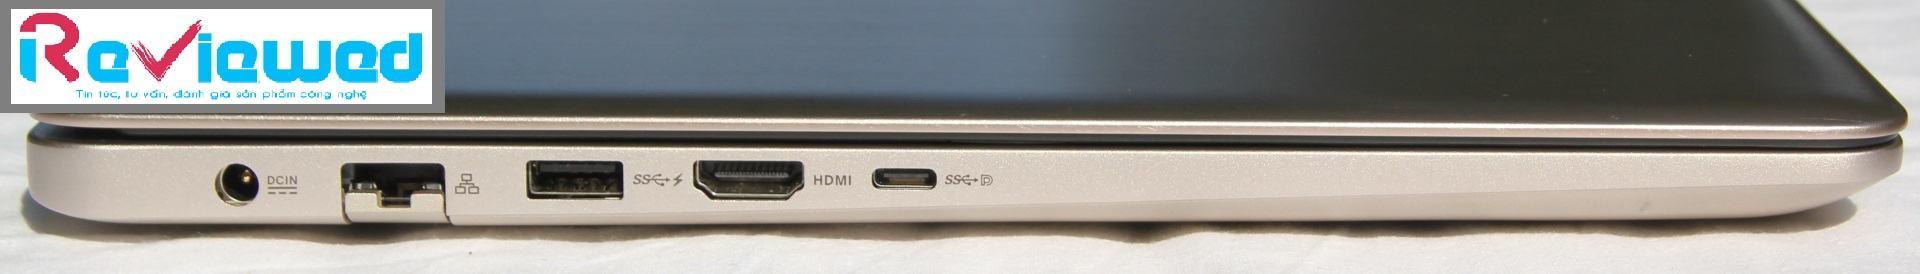 đánh giá Asus VivoBook Pro 15